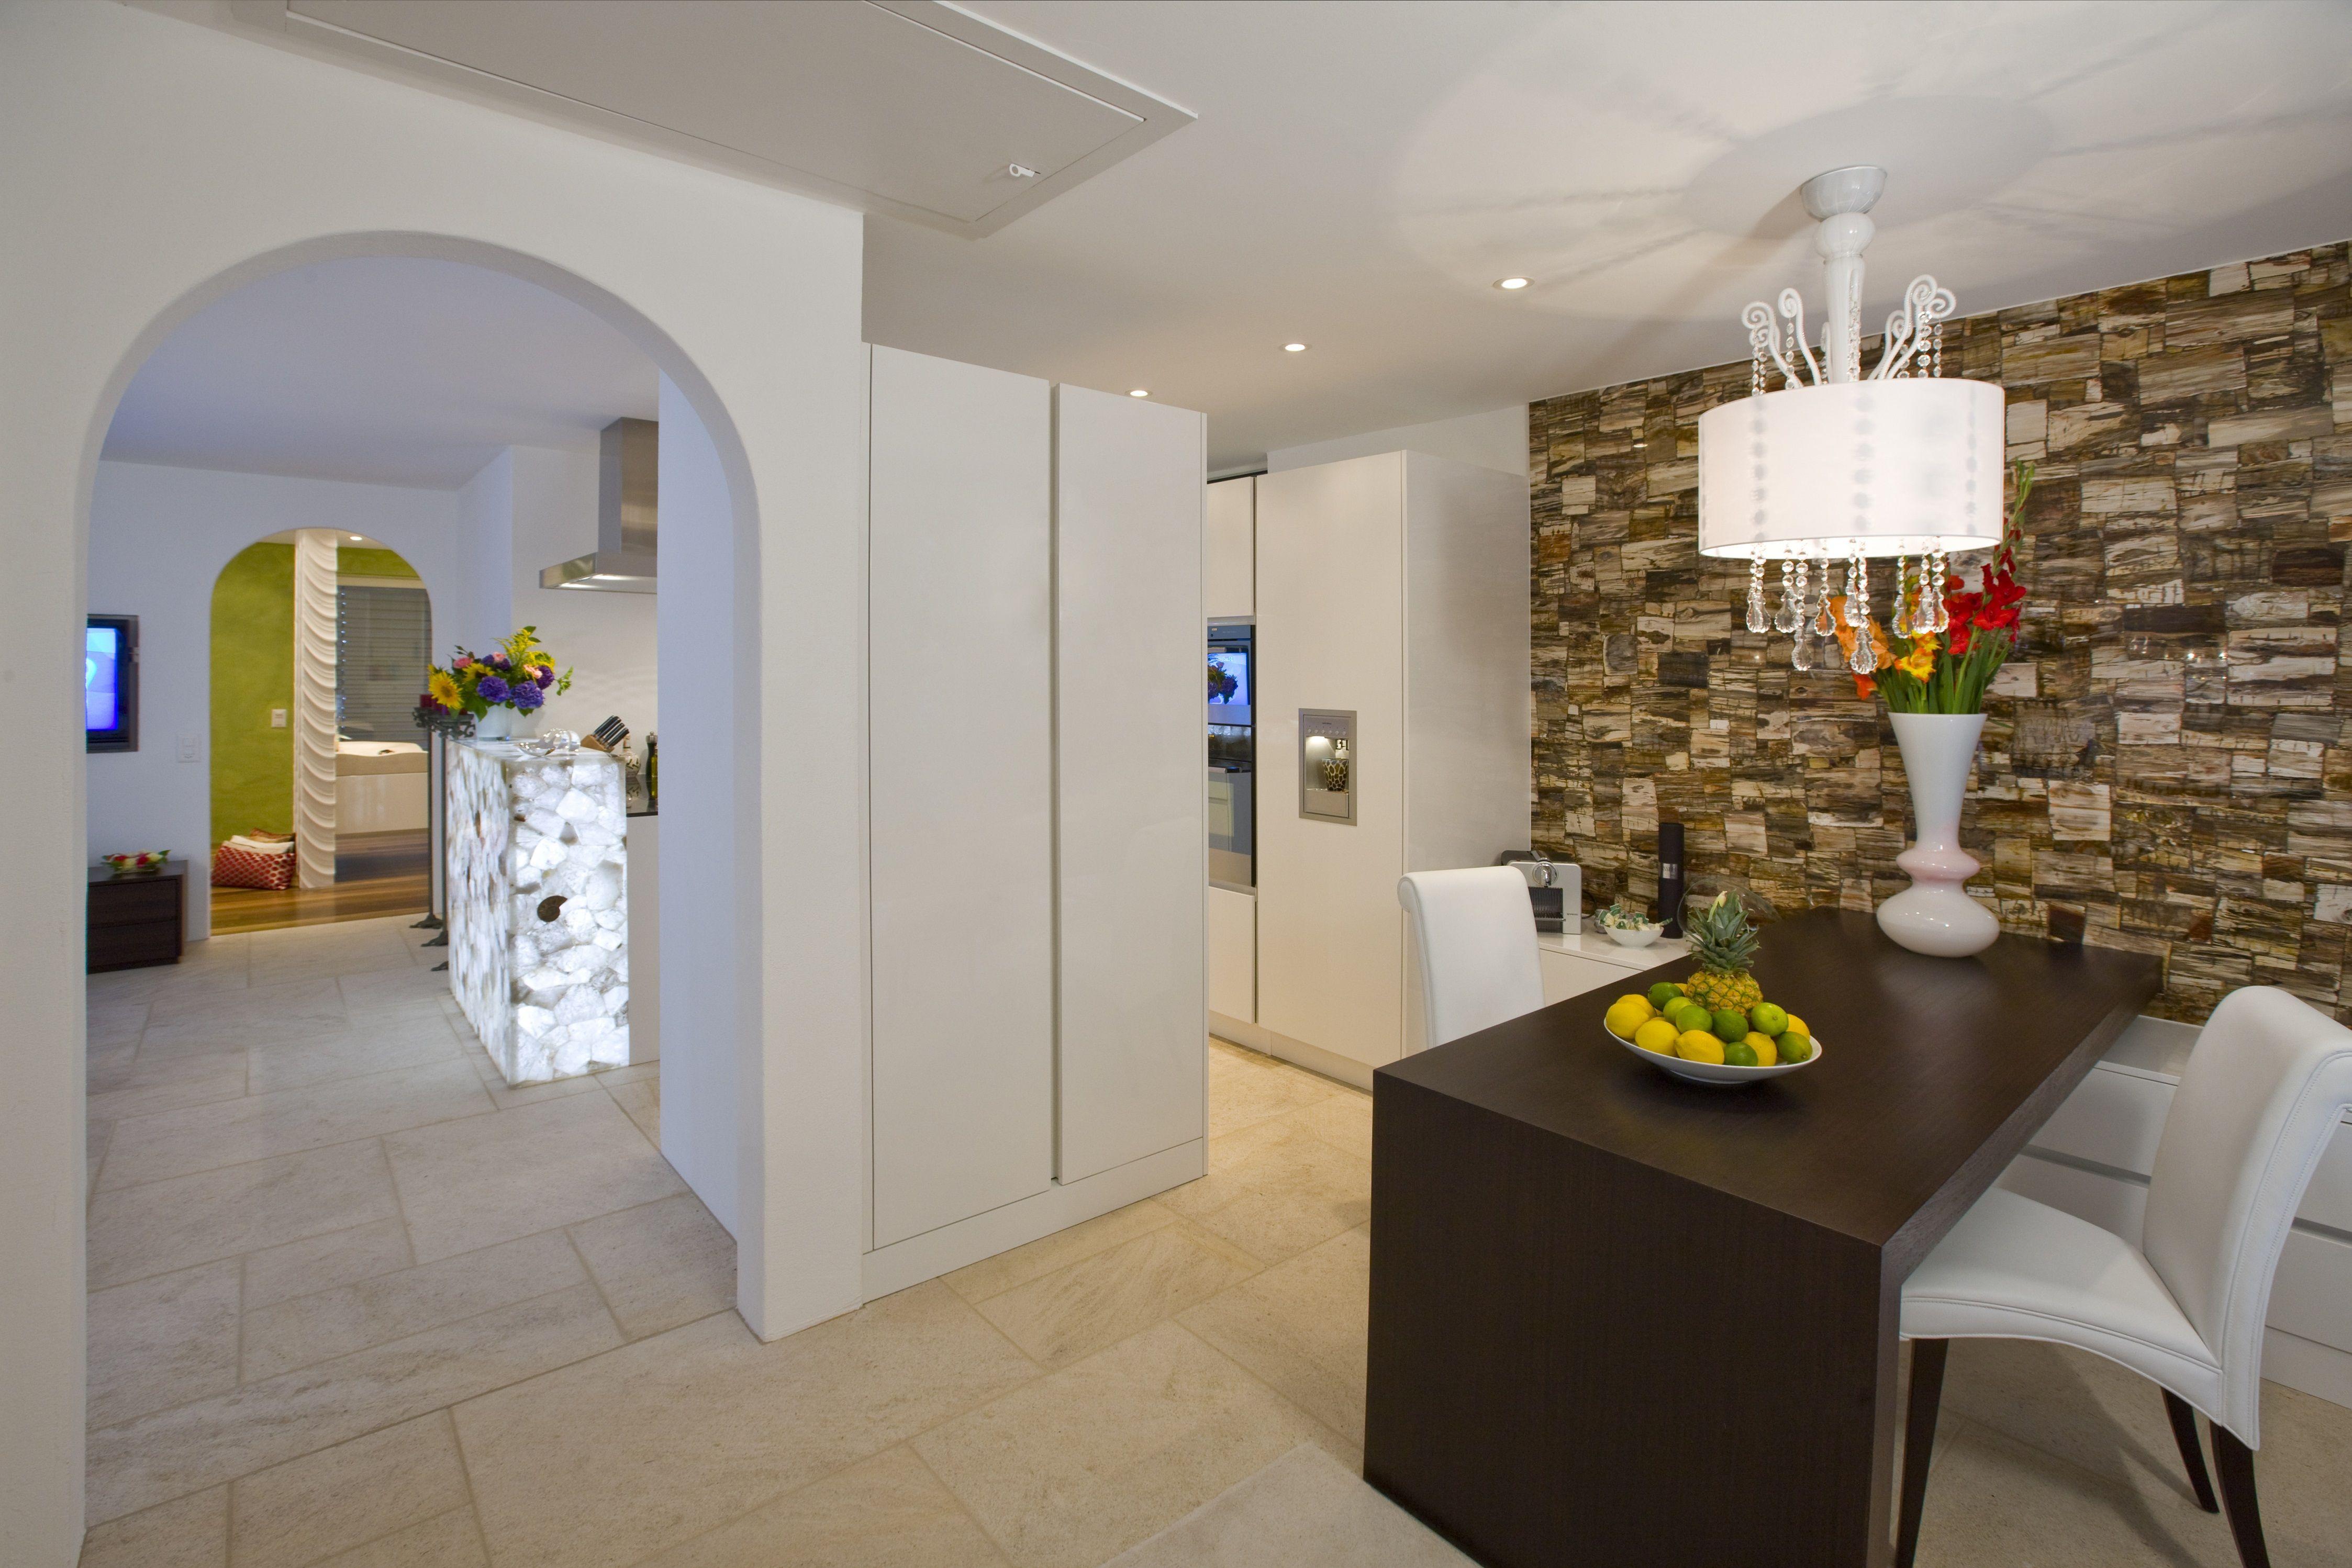 Künstlerisch Bodenbelag Küche Beste Wahl Blick Vom Esszimmer Zur Küche Mit Hinterleuchtetem